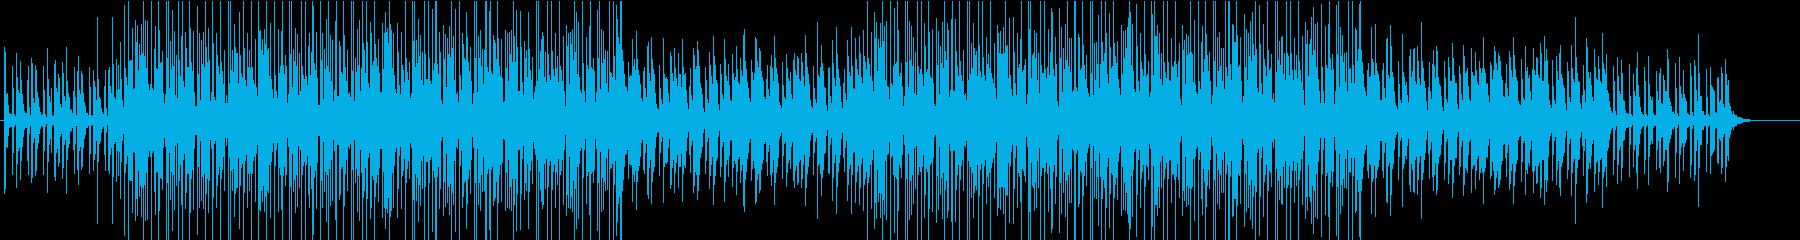 ギターとベースがユニゾンするポップロックの再生済みの波形